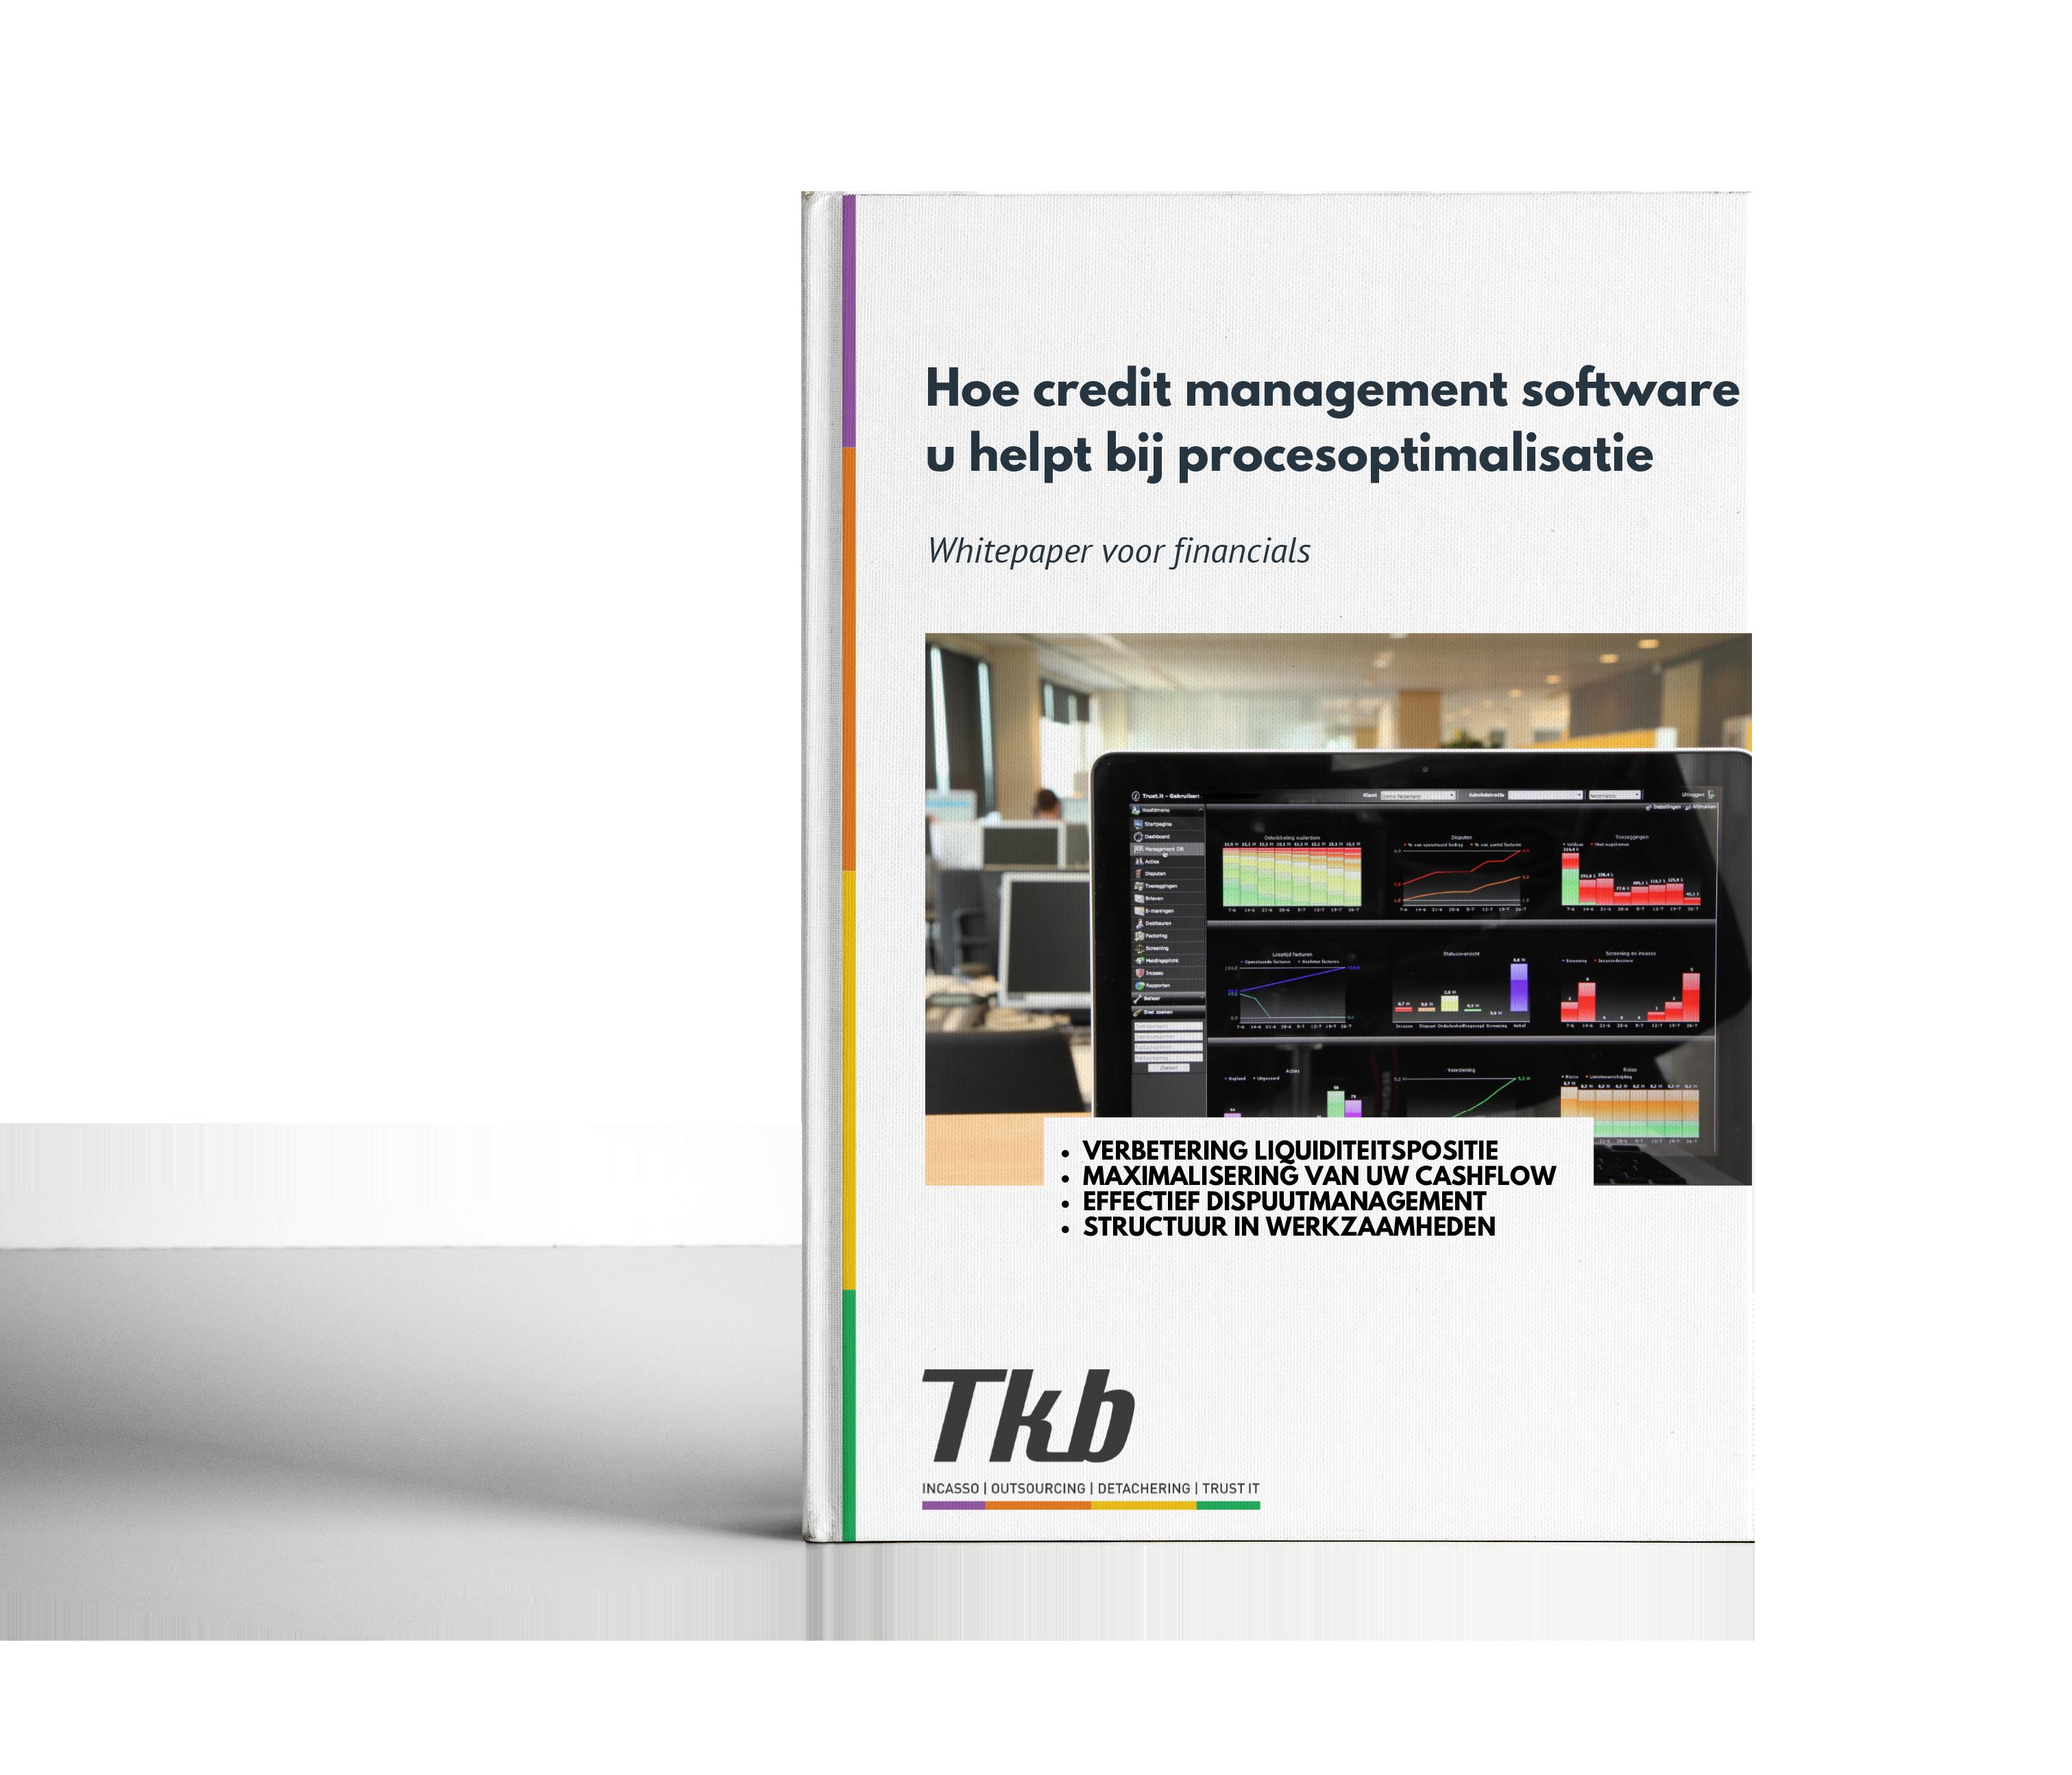 Hoe credit management software u helpt bij procesoptimalisatie